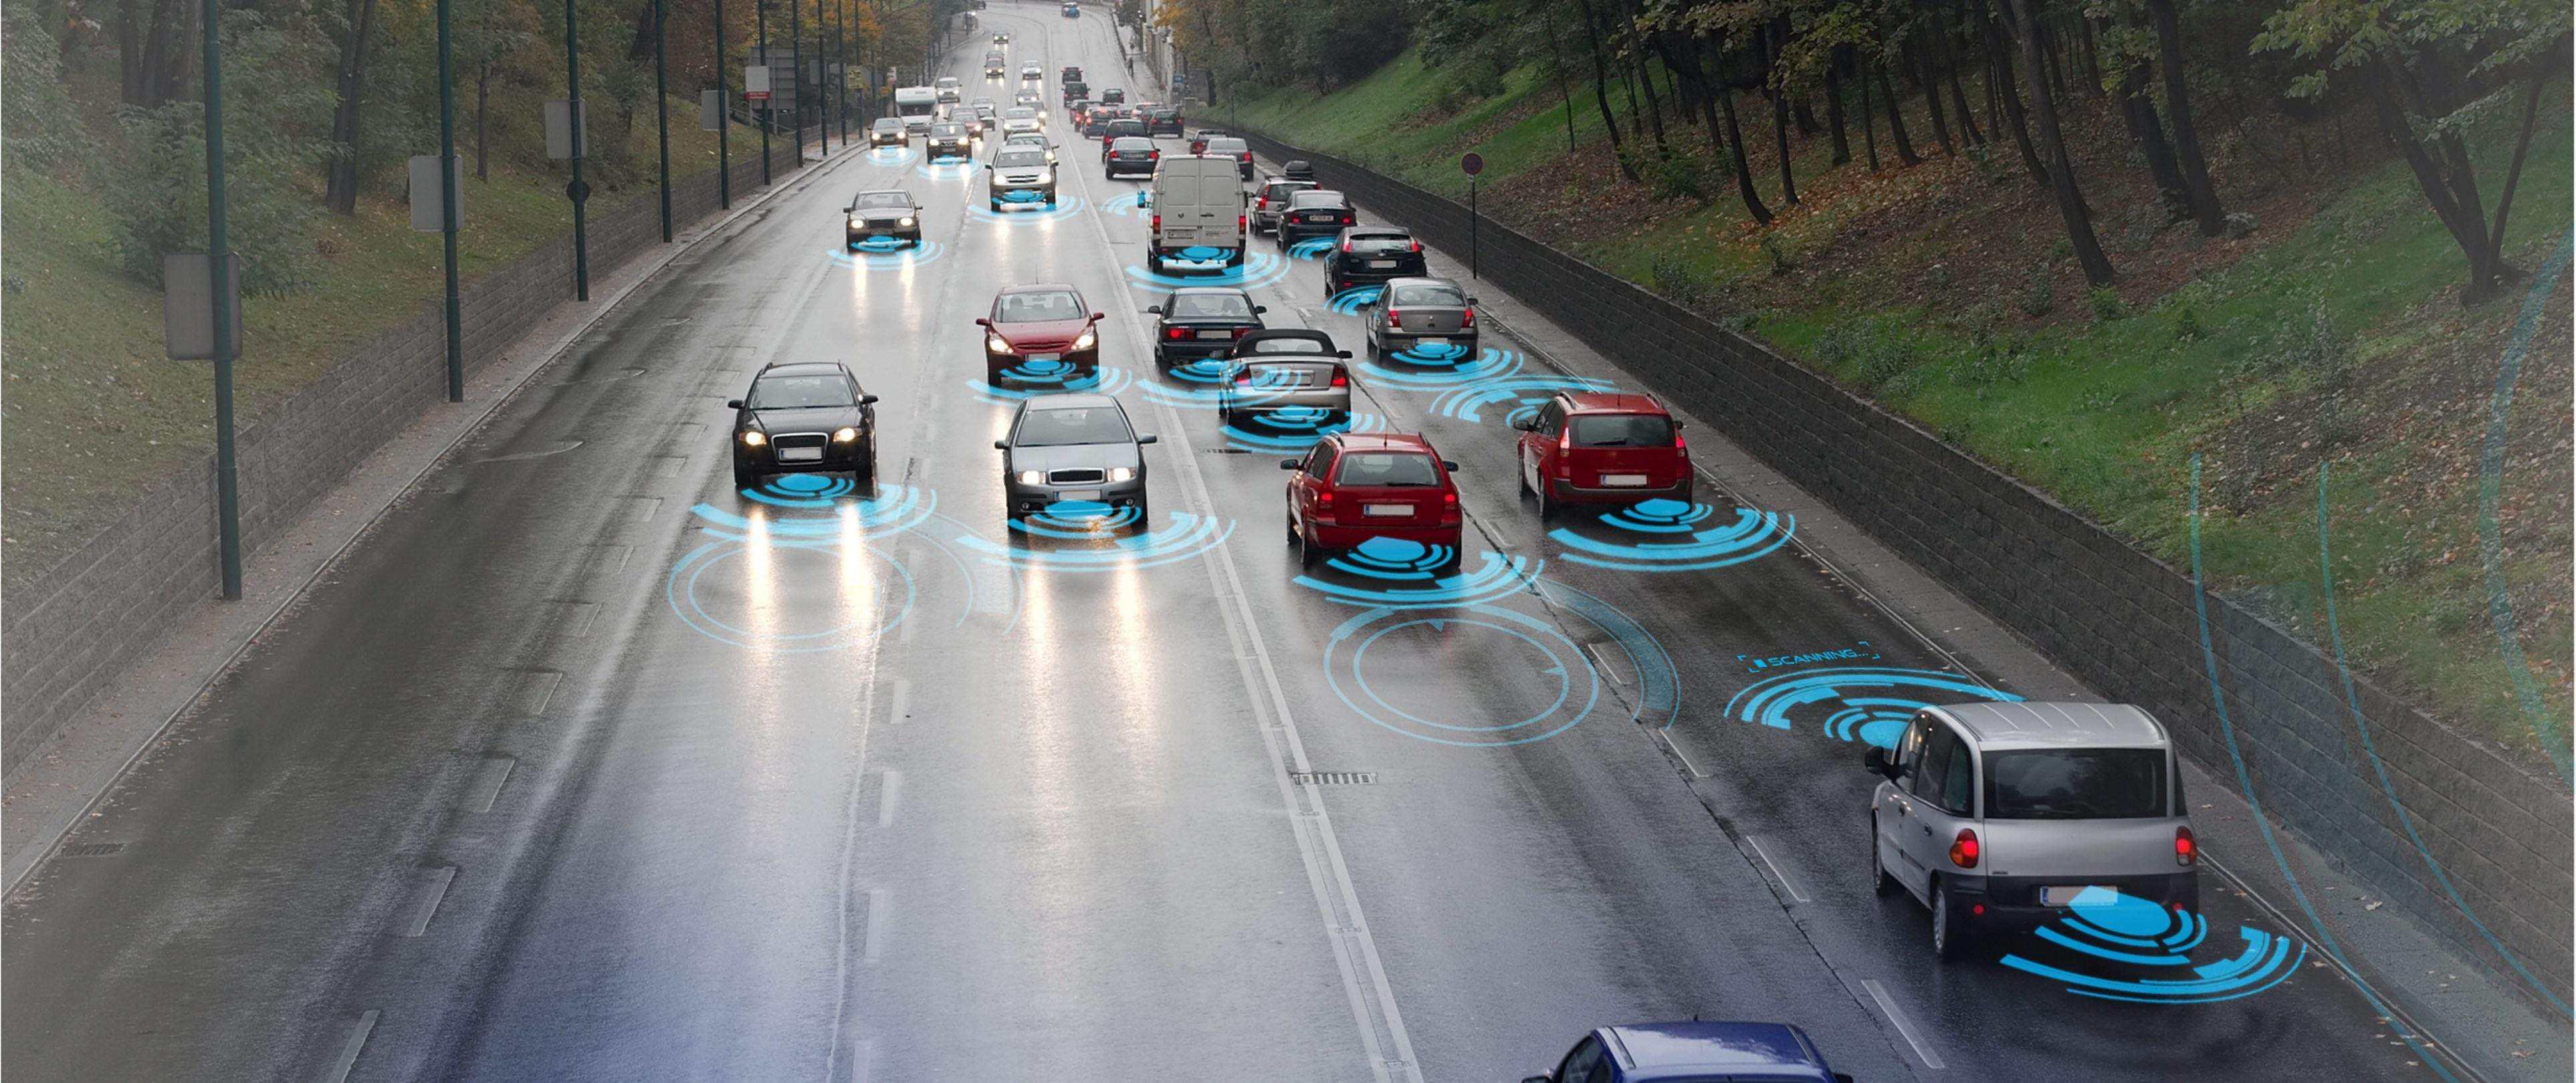 车联网的发展现状以及发展趋势